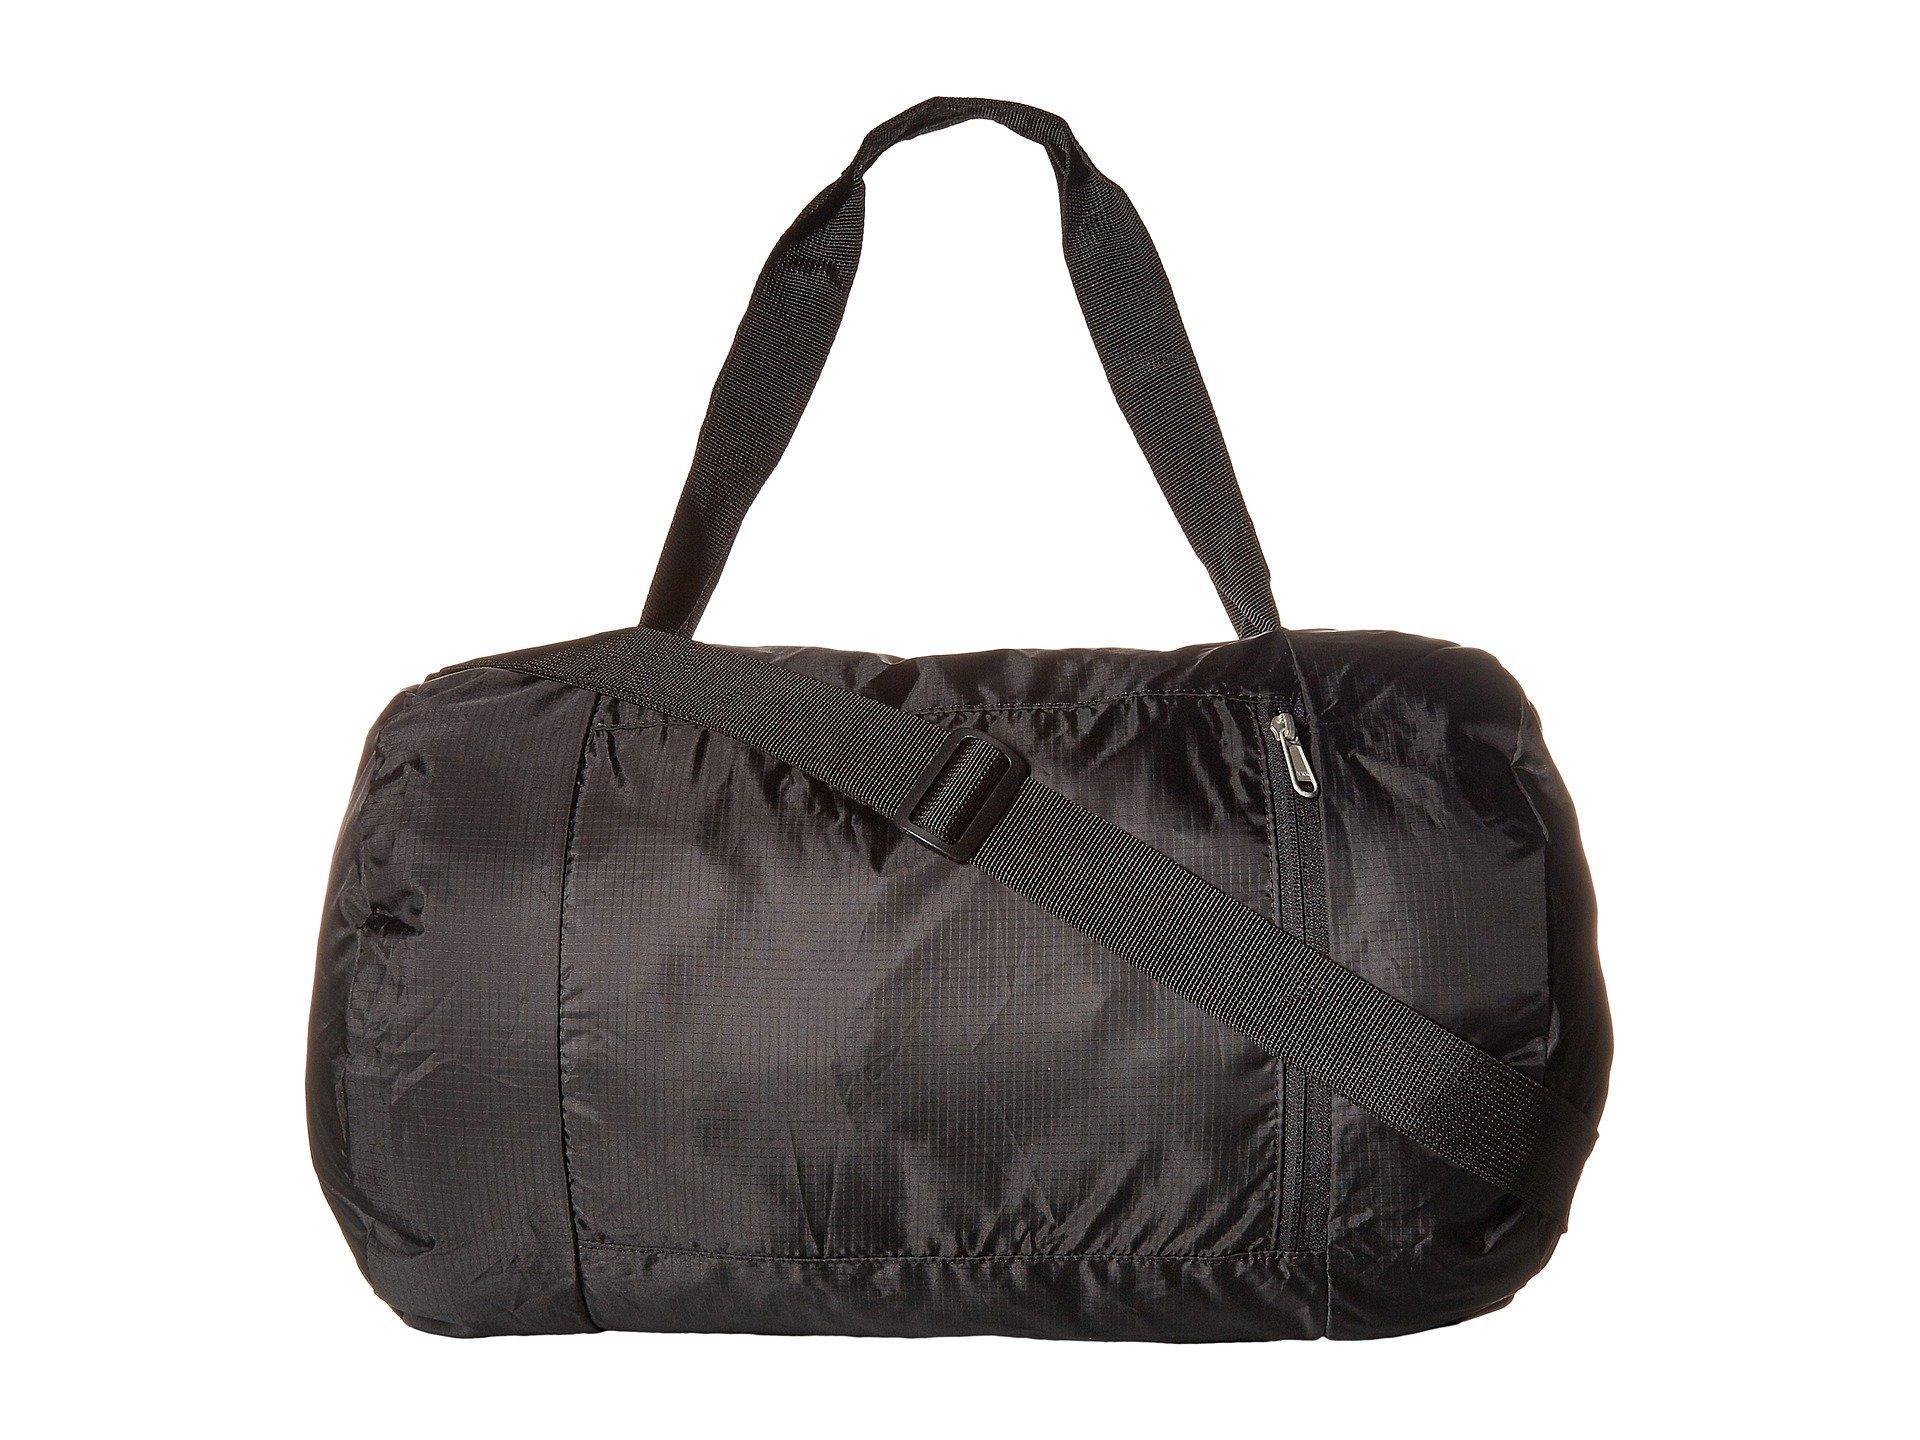 Bolso de Lona para Hombre Oakley Packable Duffel  + Oakley en VeoyCompro.net